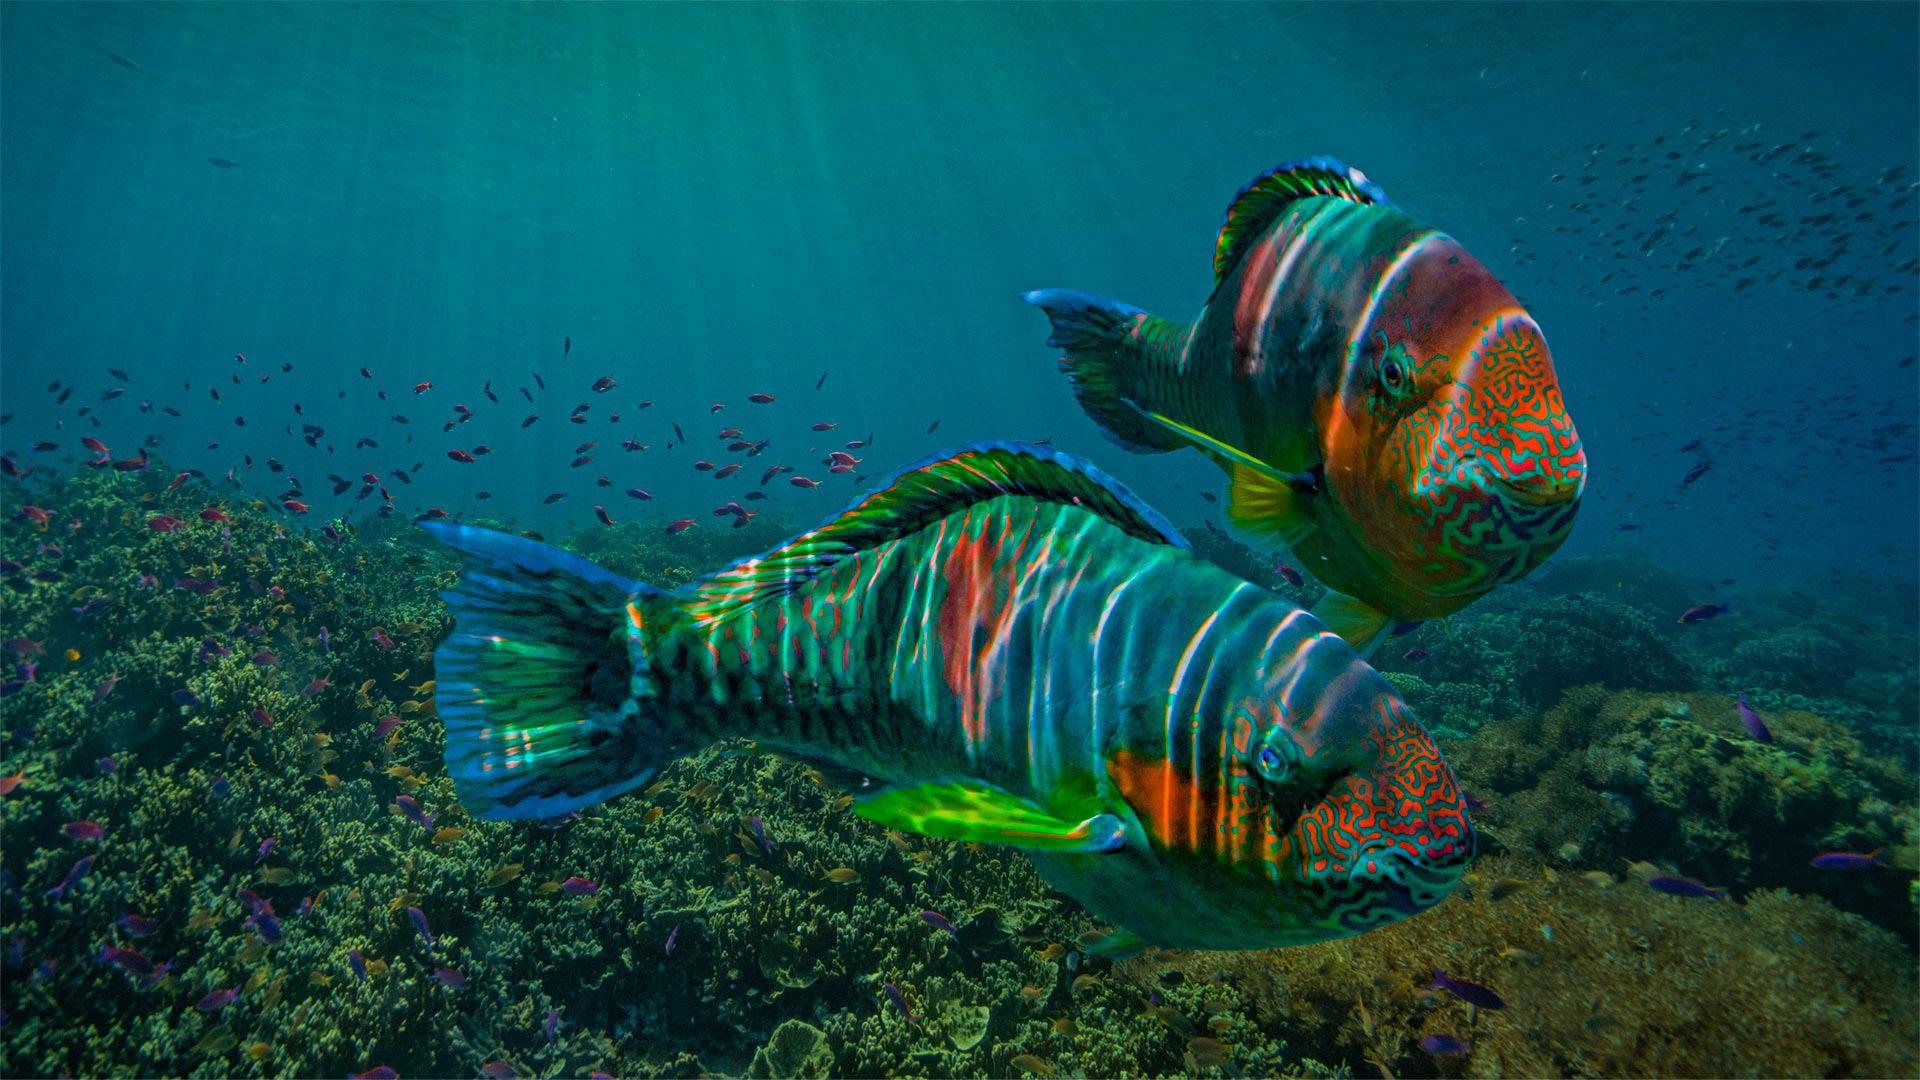 萌宠动物,海底世界,五彩鱼,大鱼,鱼群